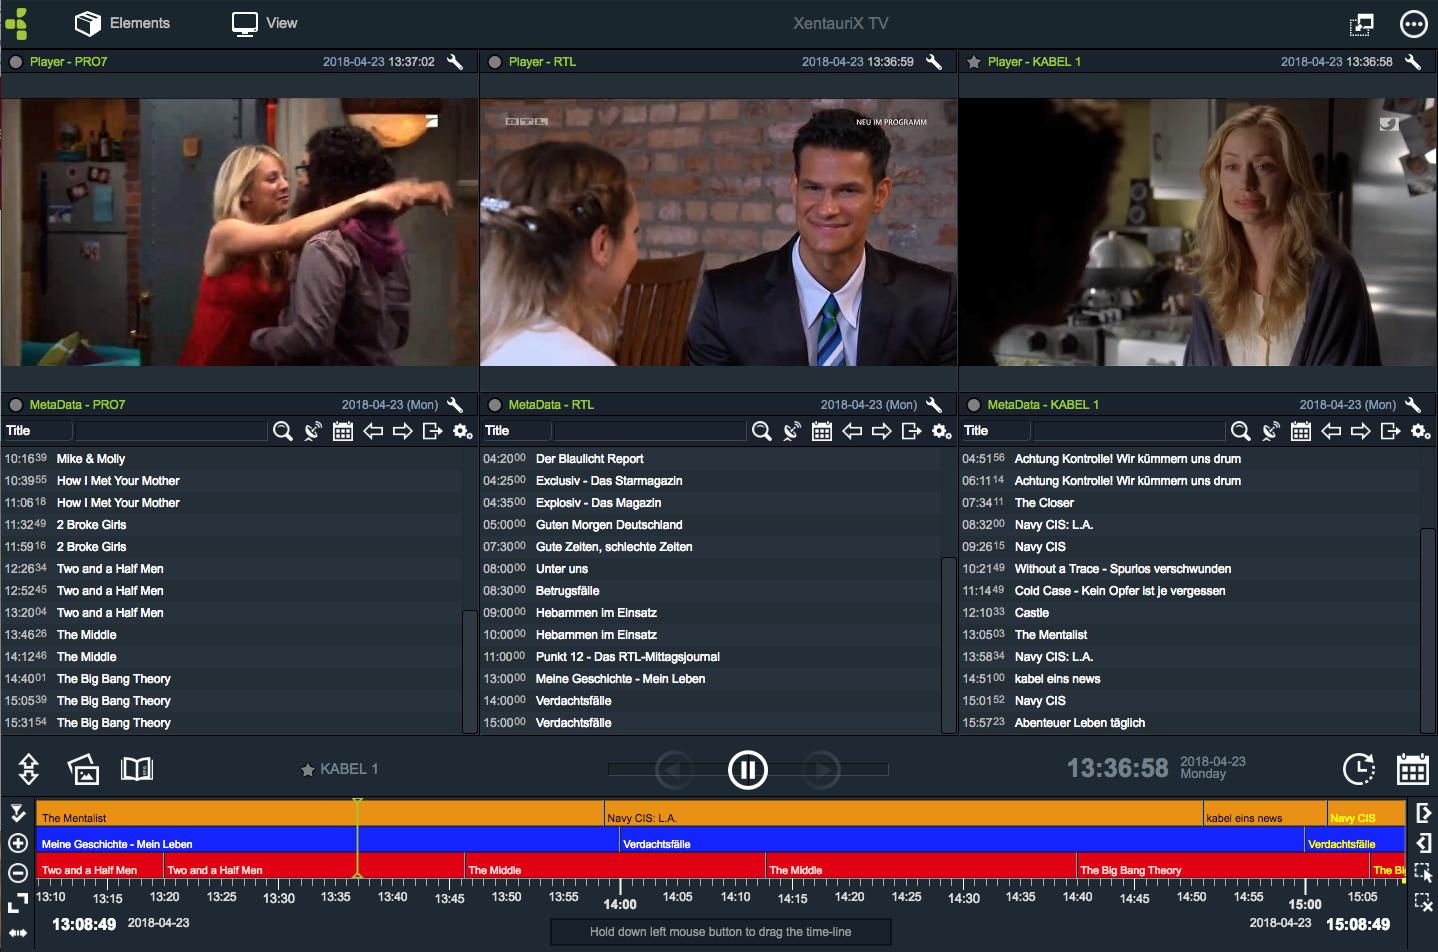 Digital den Wettbewerb beobachten. Sendungen zeitversetzt verfolgen. Was senden die Wettbewerber?